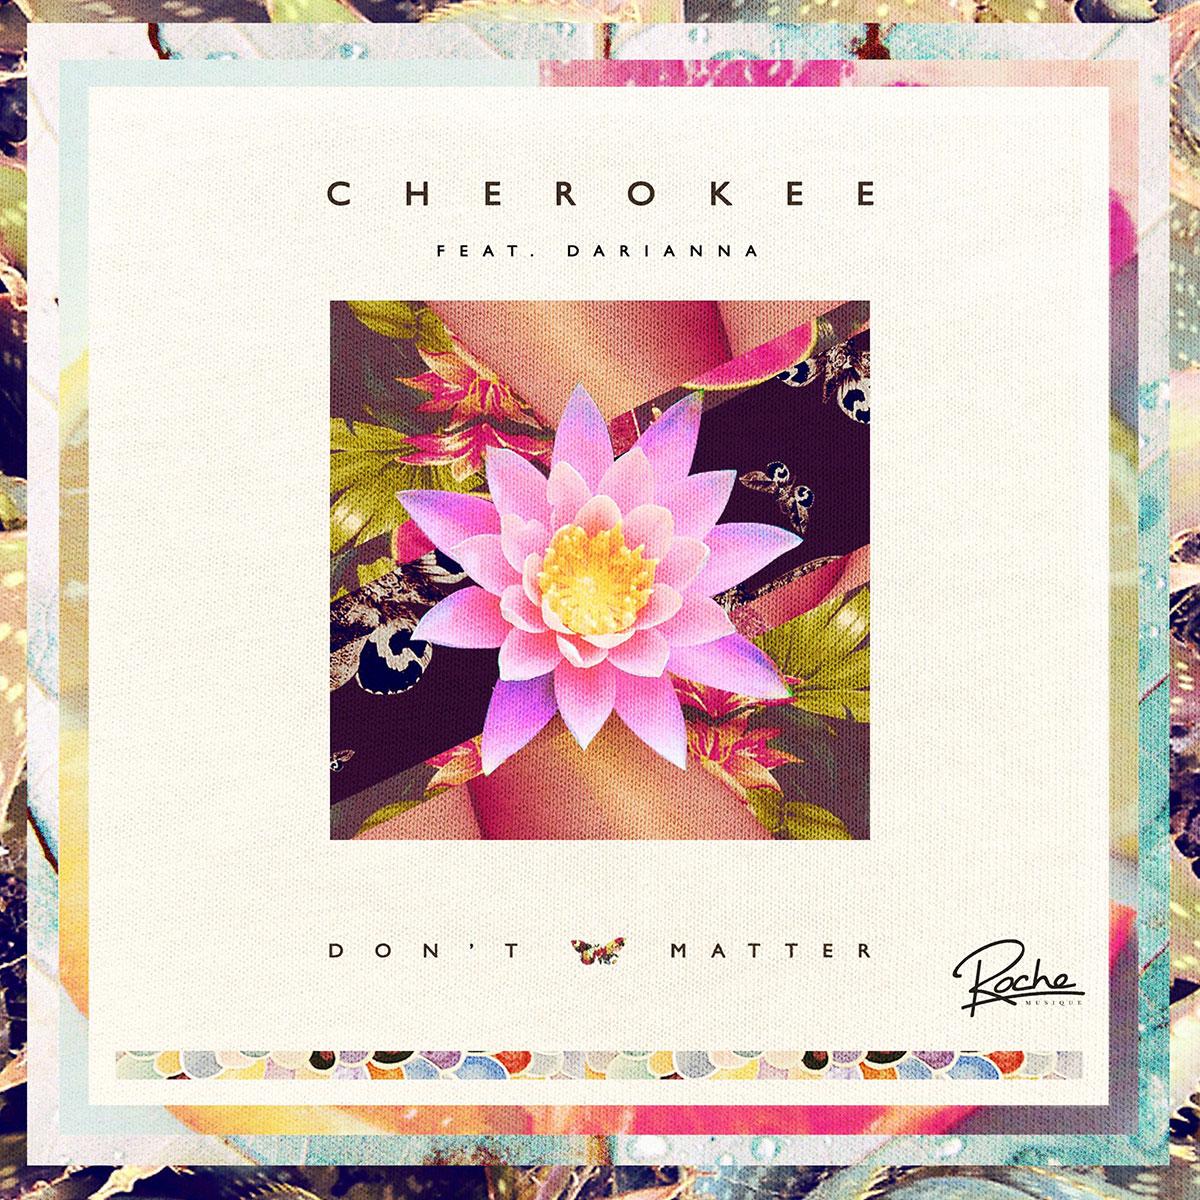 Cherokee feat. Darianna - Don't matter (FKJ remix)